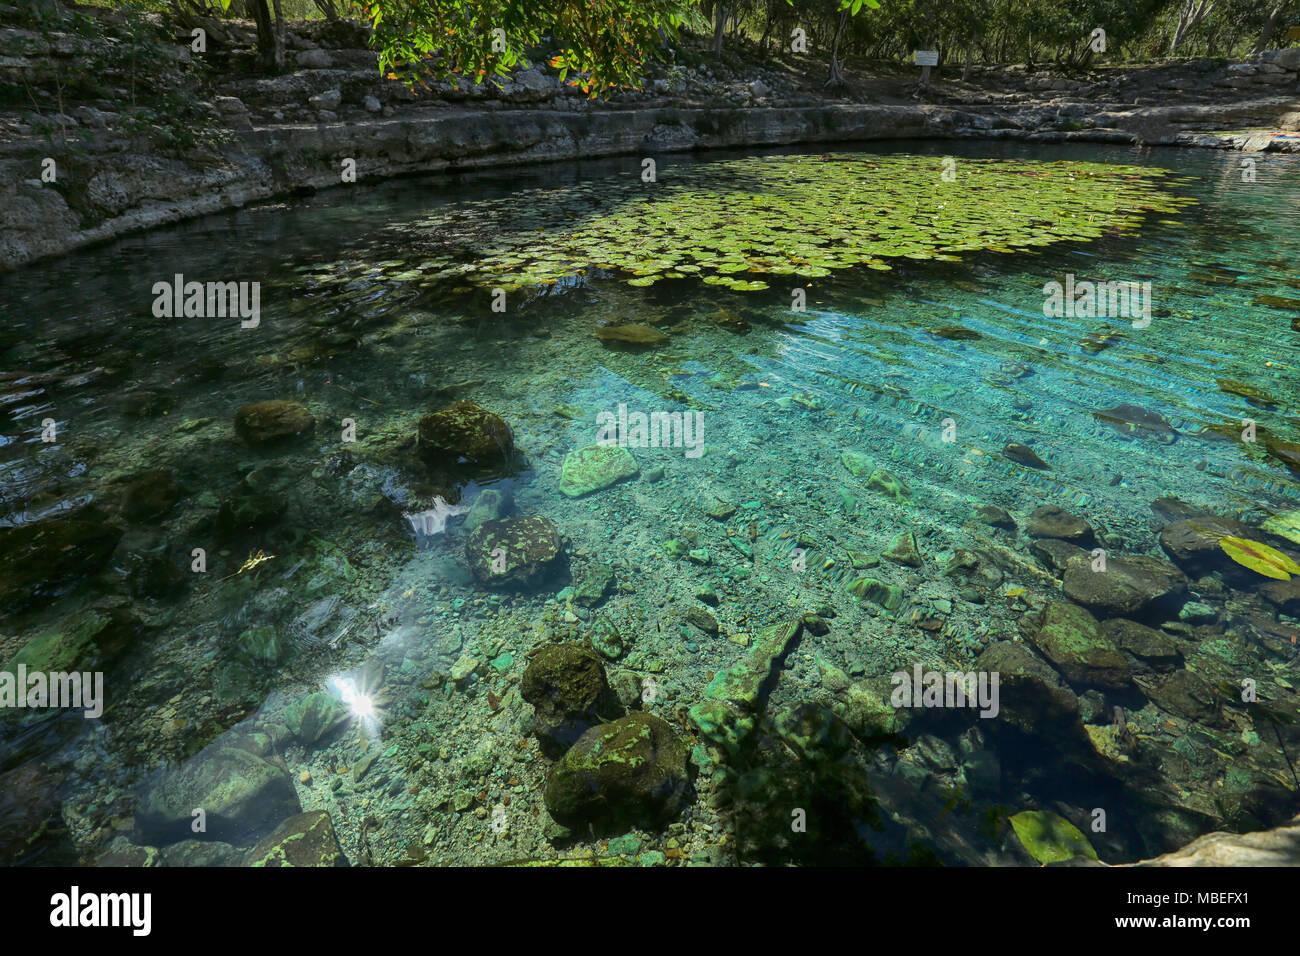 Cenote en Dzibilchaltun,Cenote Xlacah ubicado en Dzibilchaltun zona archeologica área en México Imagen De Stock